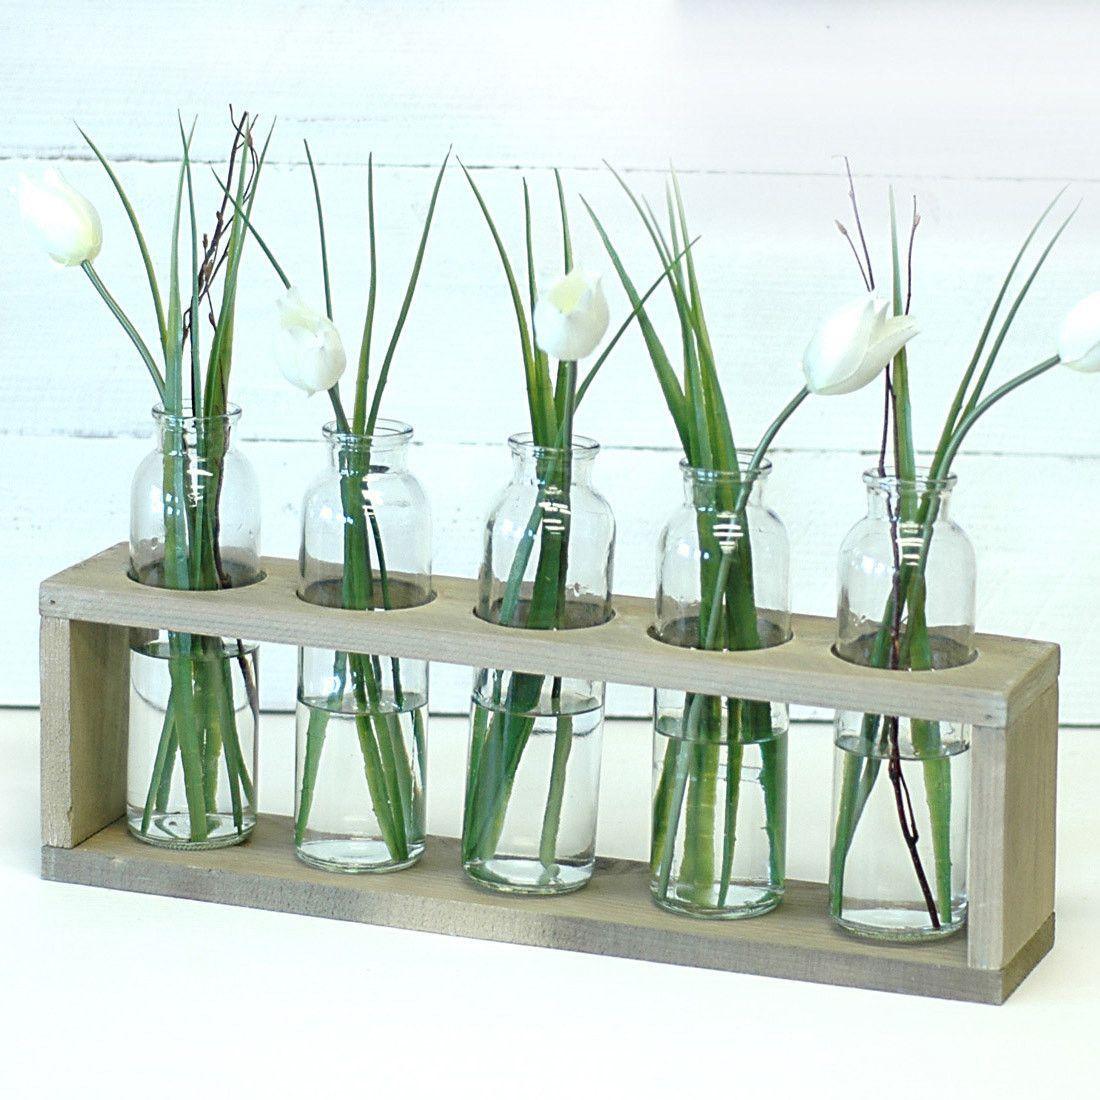 5 Bottle Rustic Centerpiece Vases Divisorias